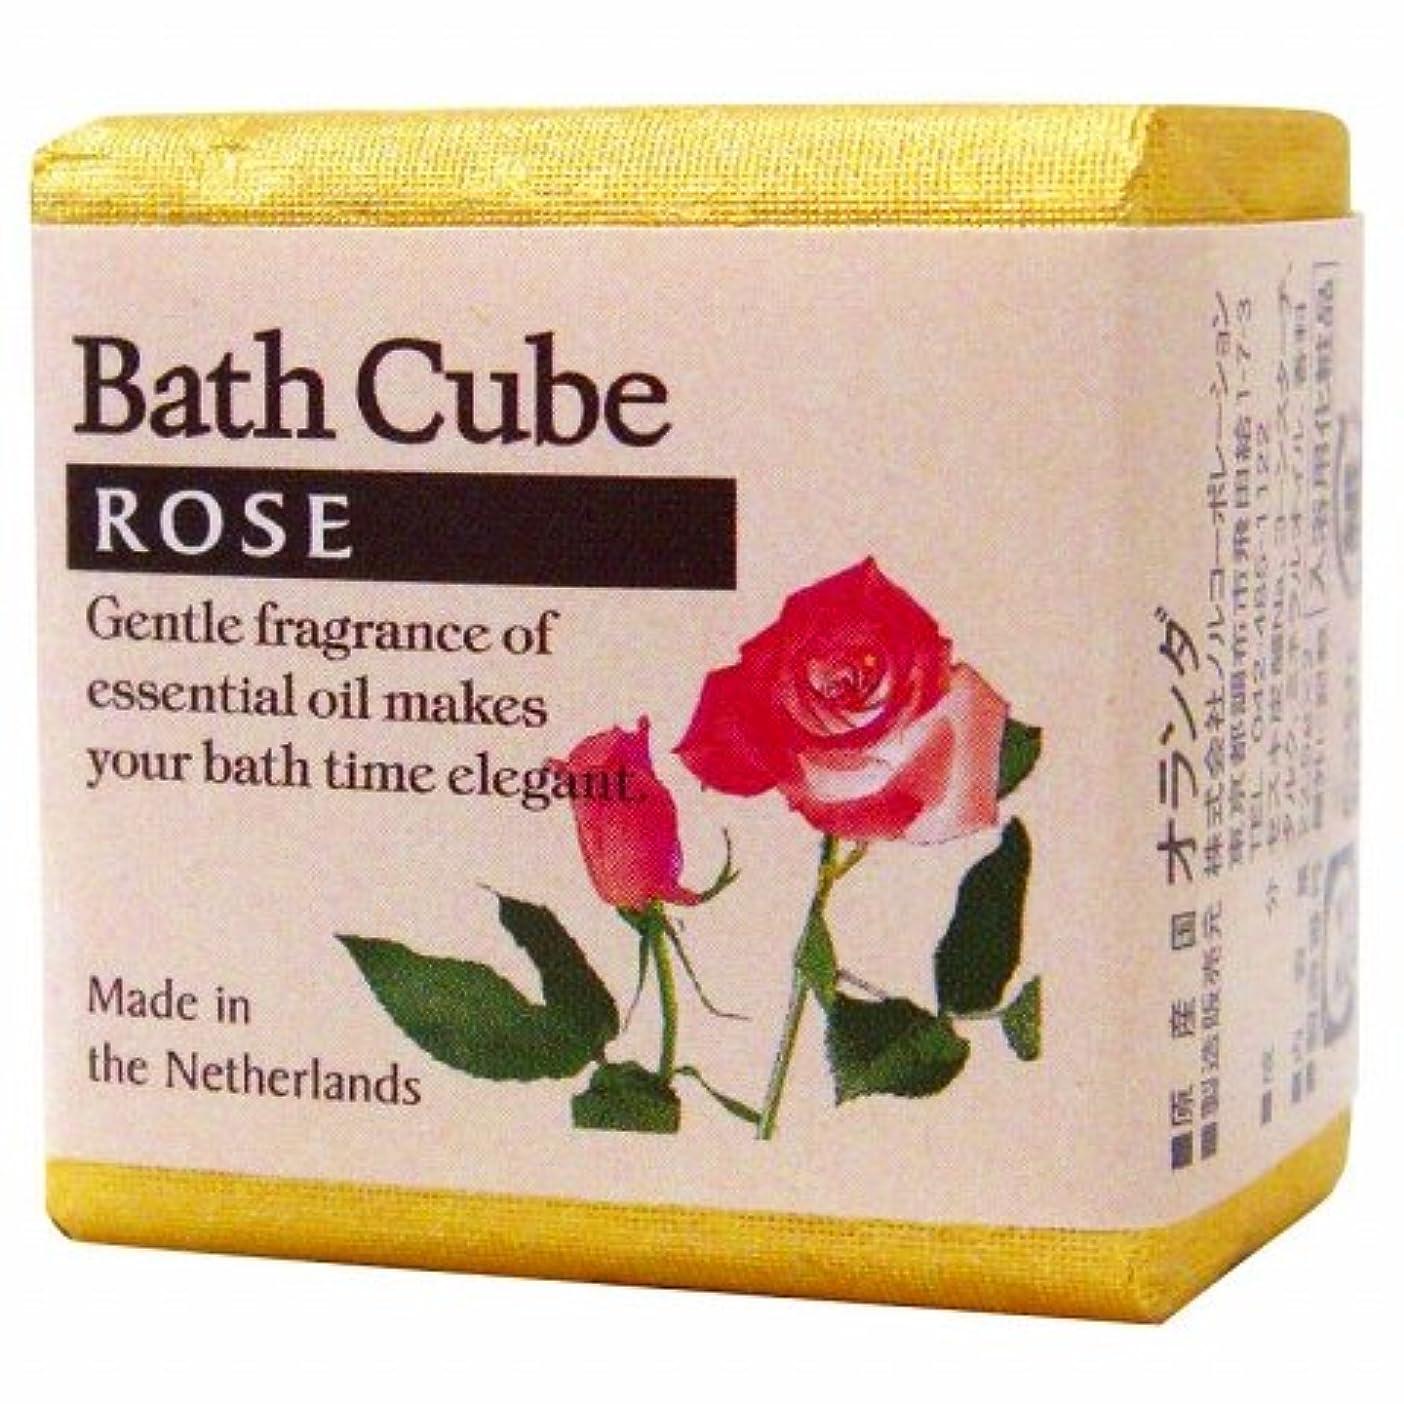 ハイランドぴったり絶対のフレグランスバスキューブ「ローズ」12個セット 華やかでロマンティックなローズの香り